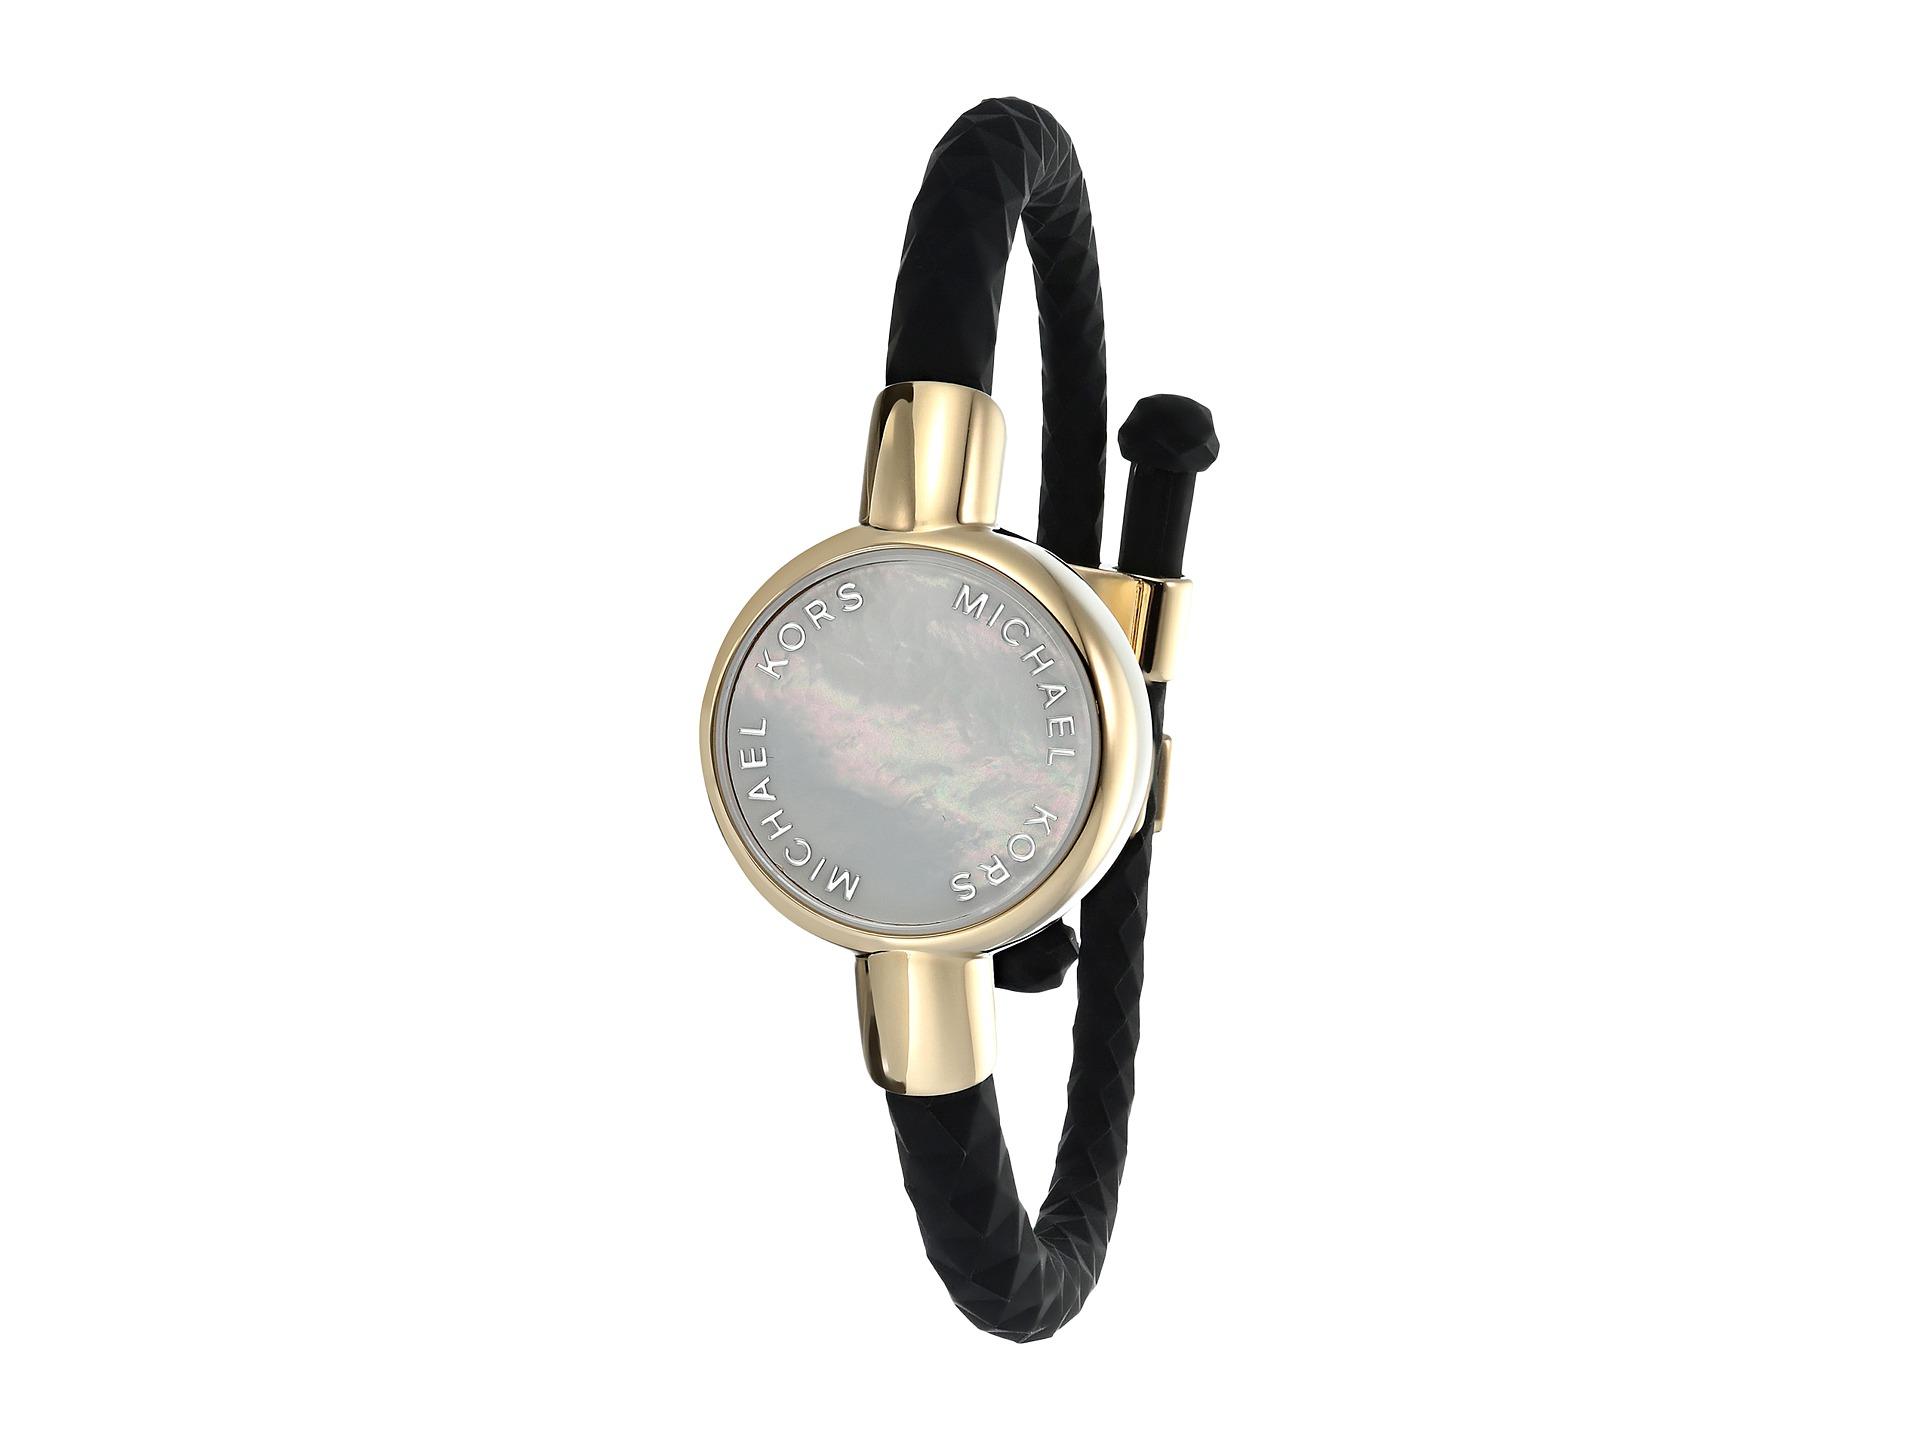 michael kors silicone tracker bracelet gold. Black Bedroom Furniture Sets. Home Design Ideas